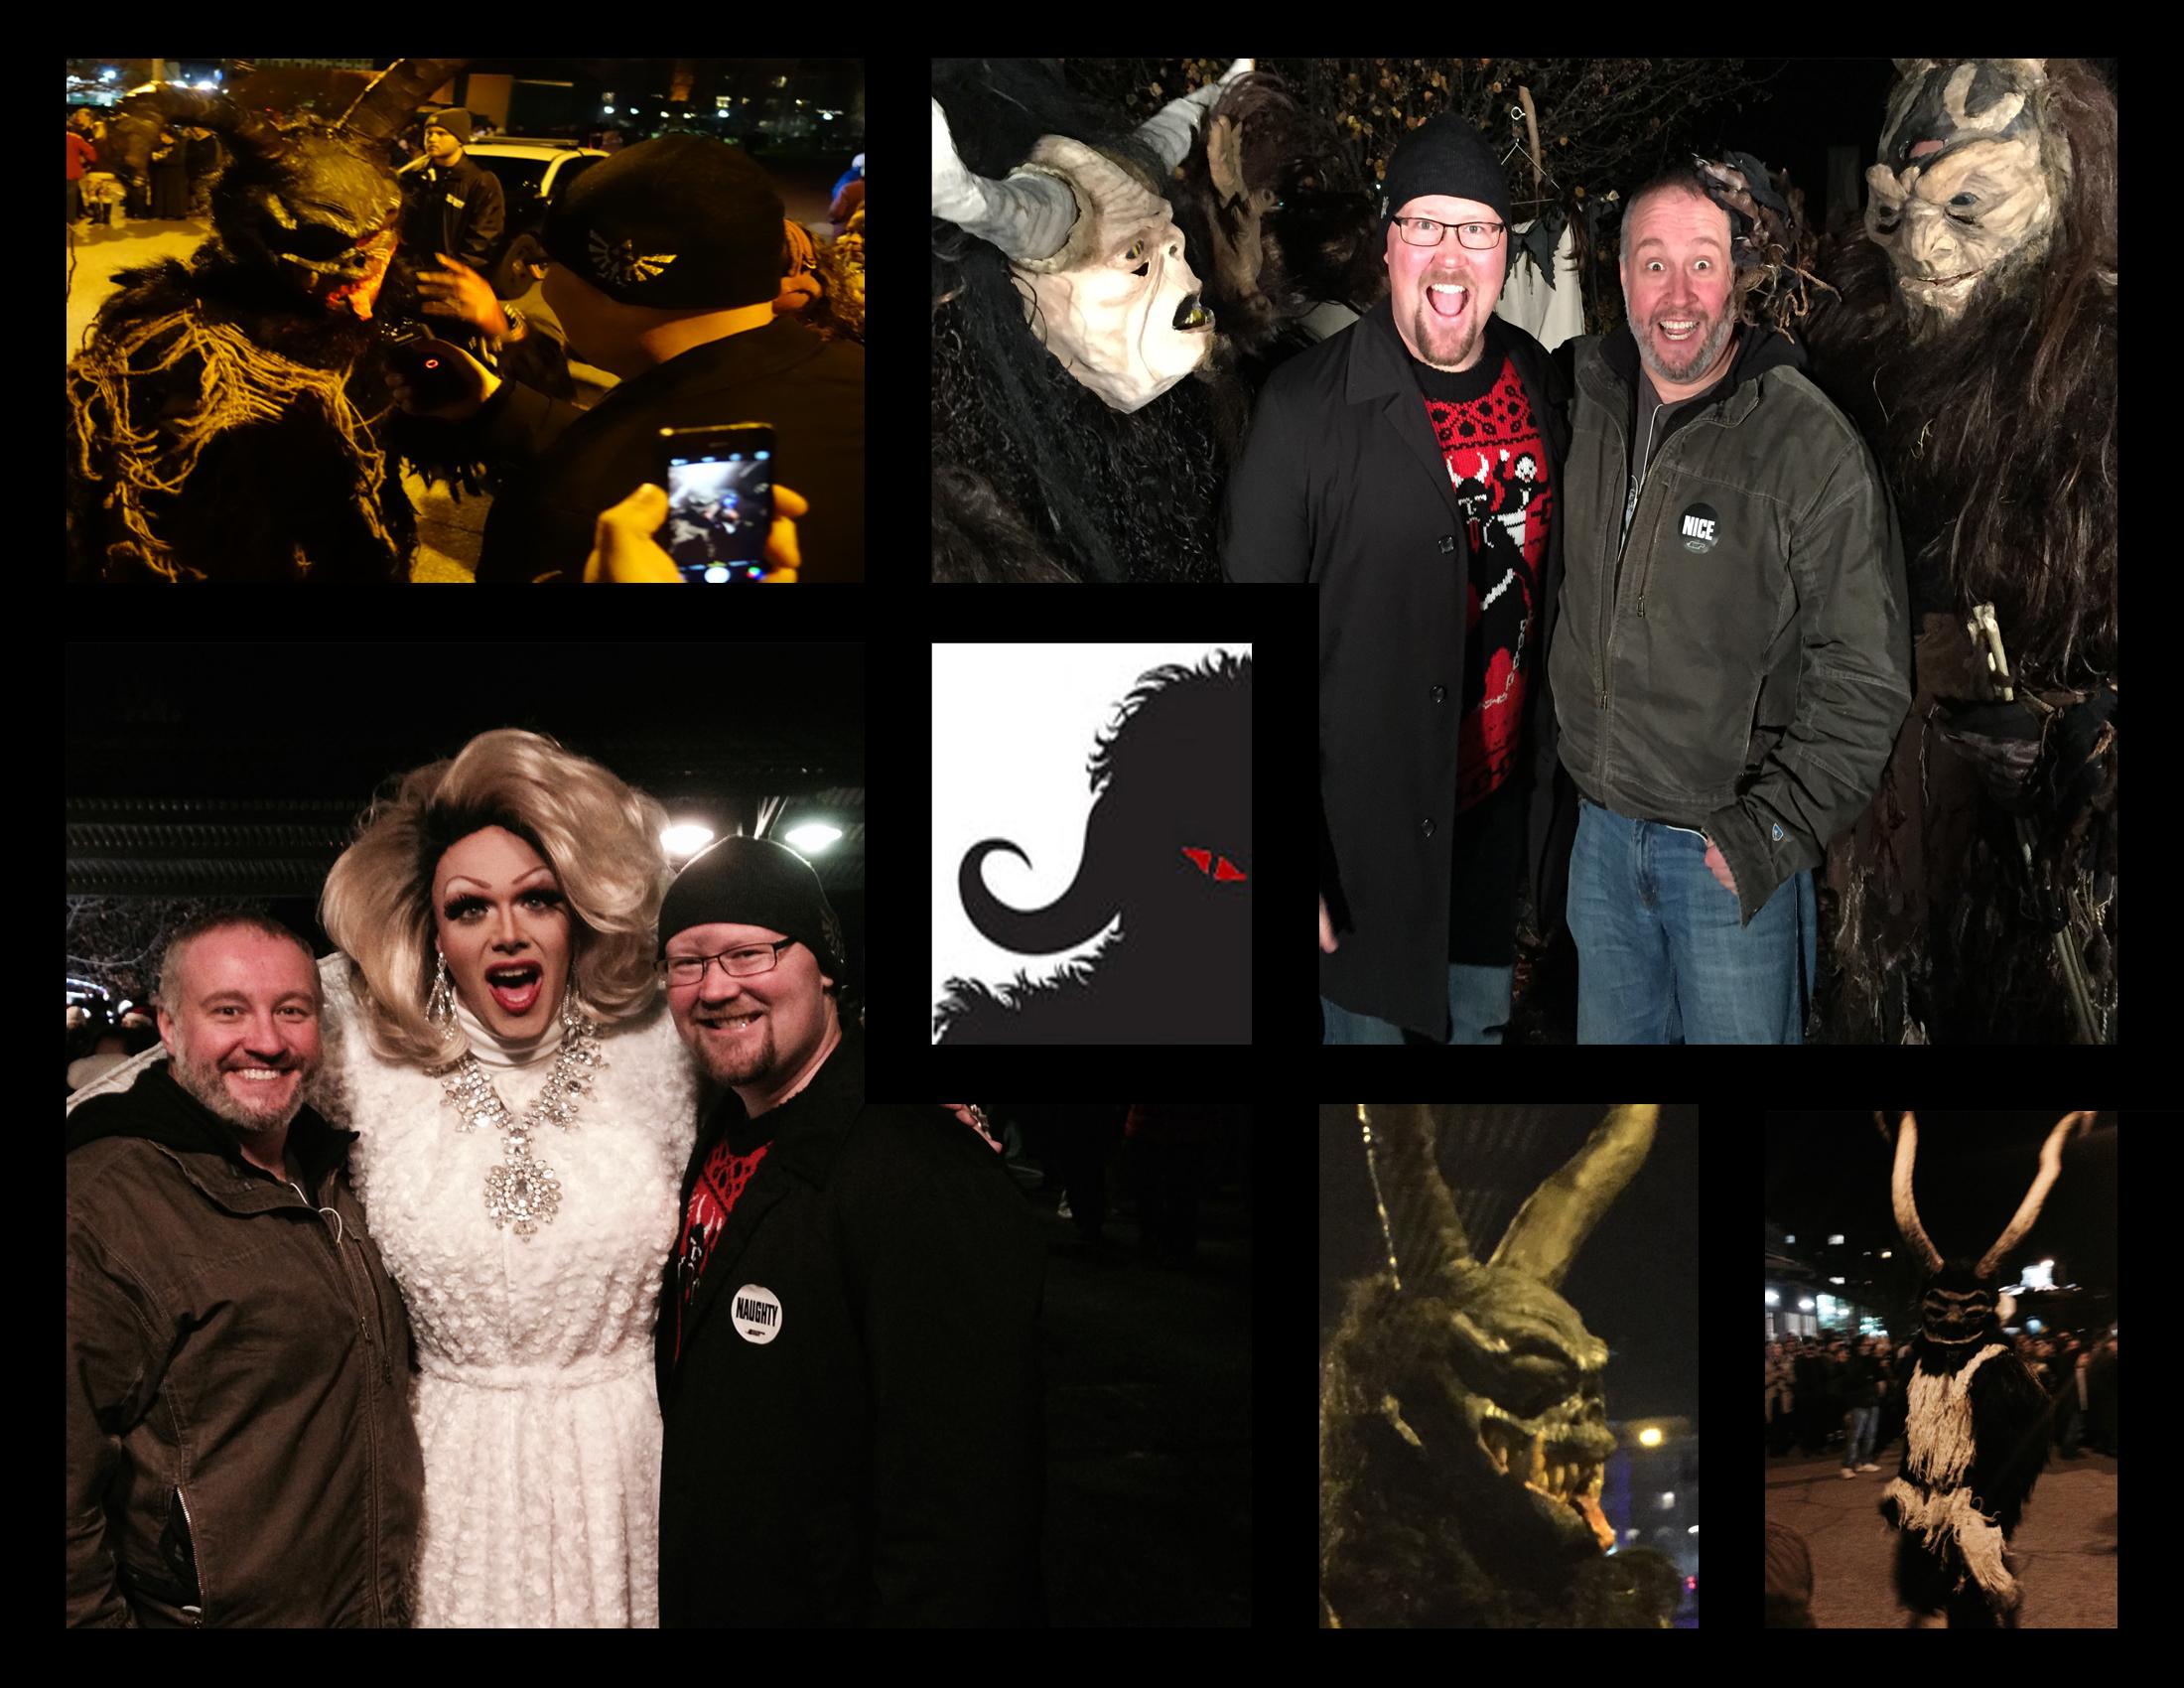 2015 Bloomington Krampusnacht